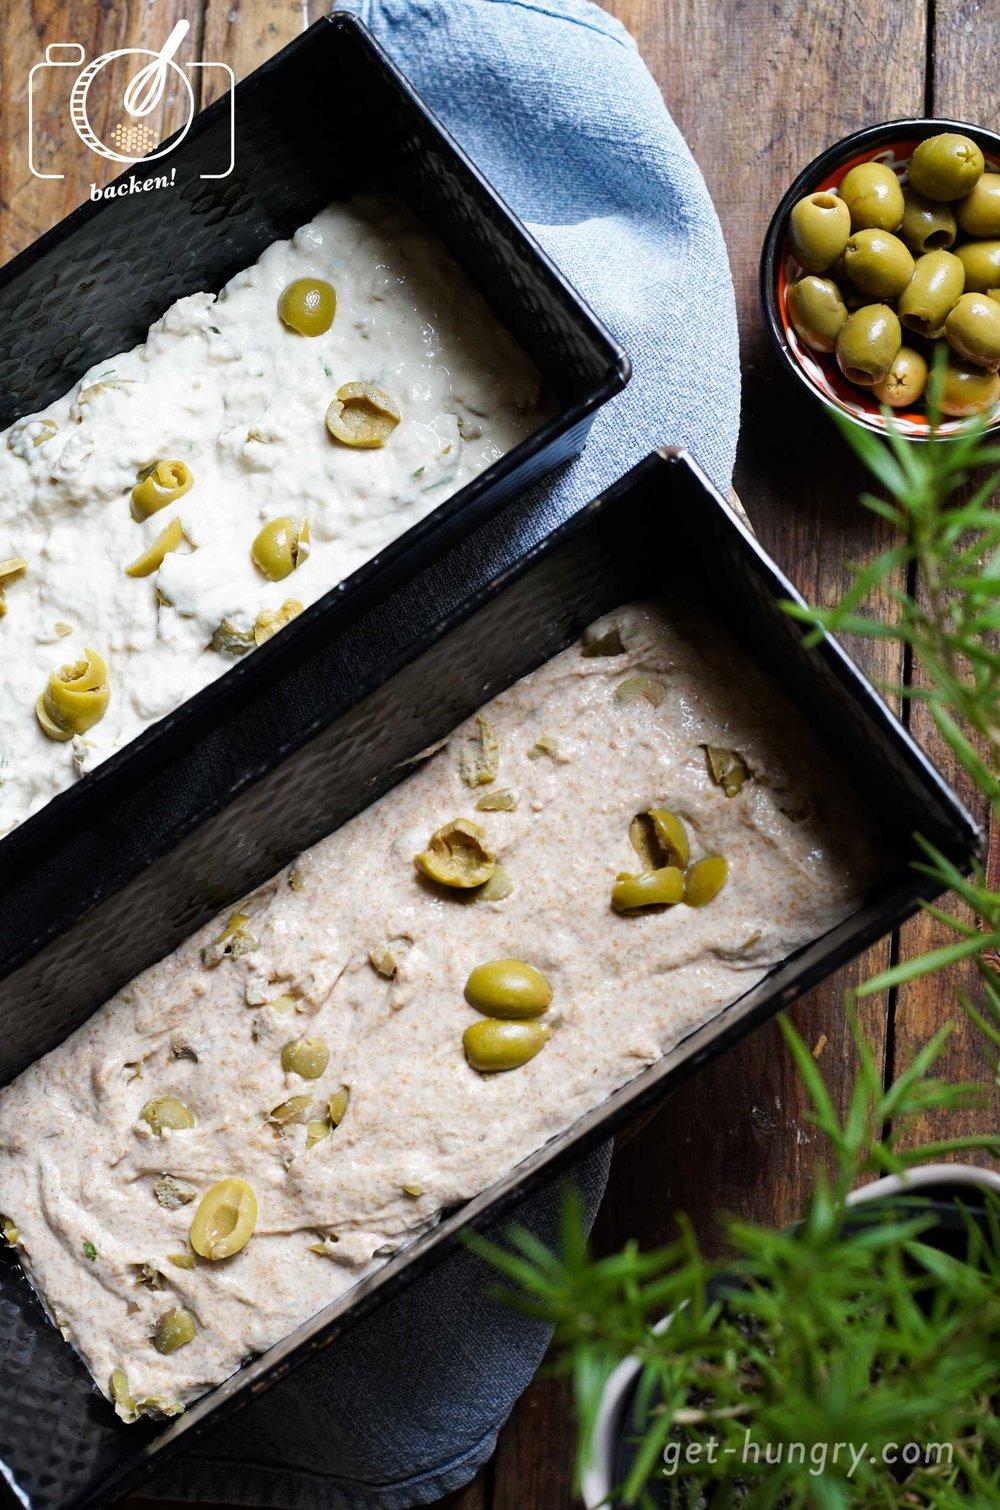 Für das Zweierlei wurde kurzerhand die Rezeptur geteilt und einmal mit Dinkelvollkornmehl und einmal mit klassischem Weizenmehl zubereitet. Beides funktioniert und schmeckt.